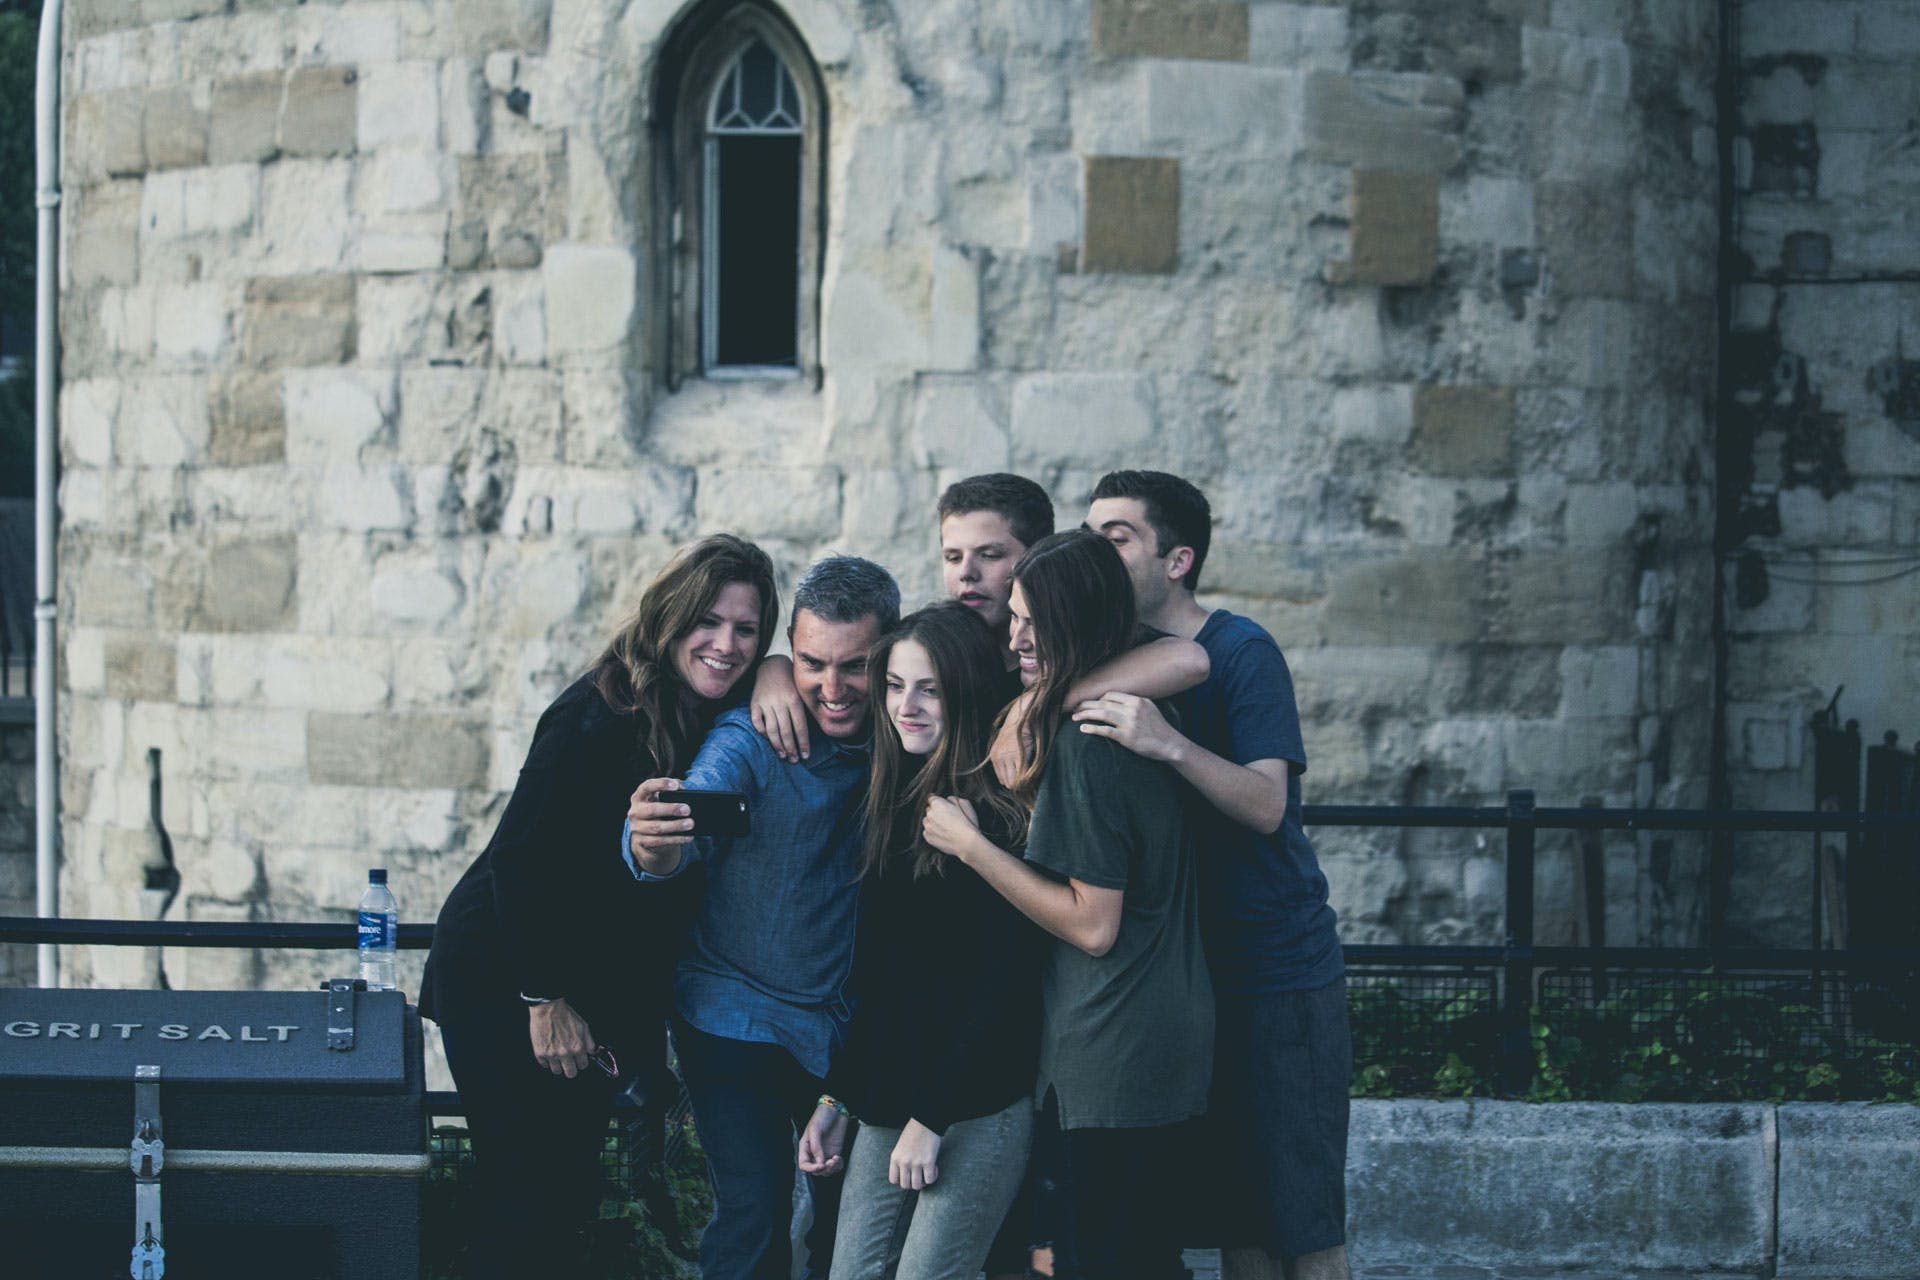 가족, 사교적인, 세대, 셀카의 무료 스톡 사진